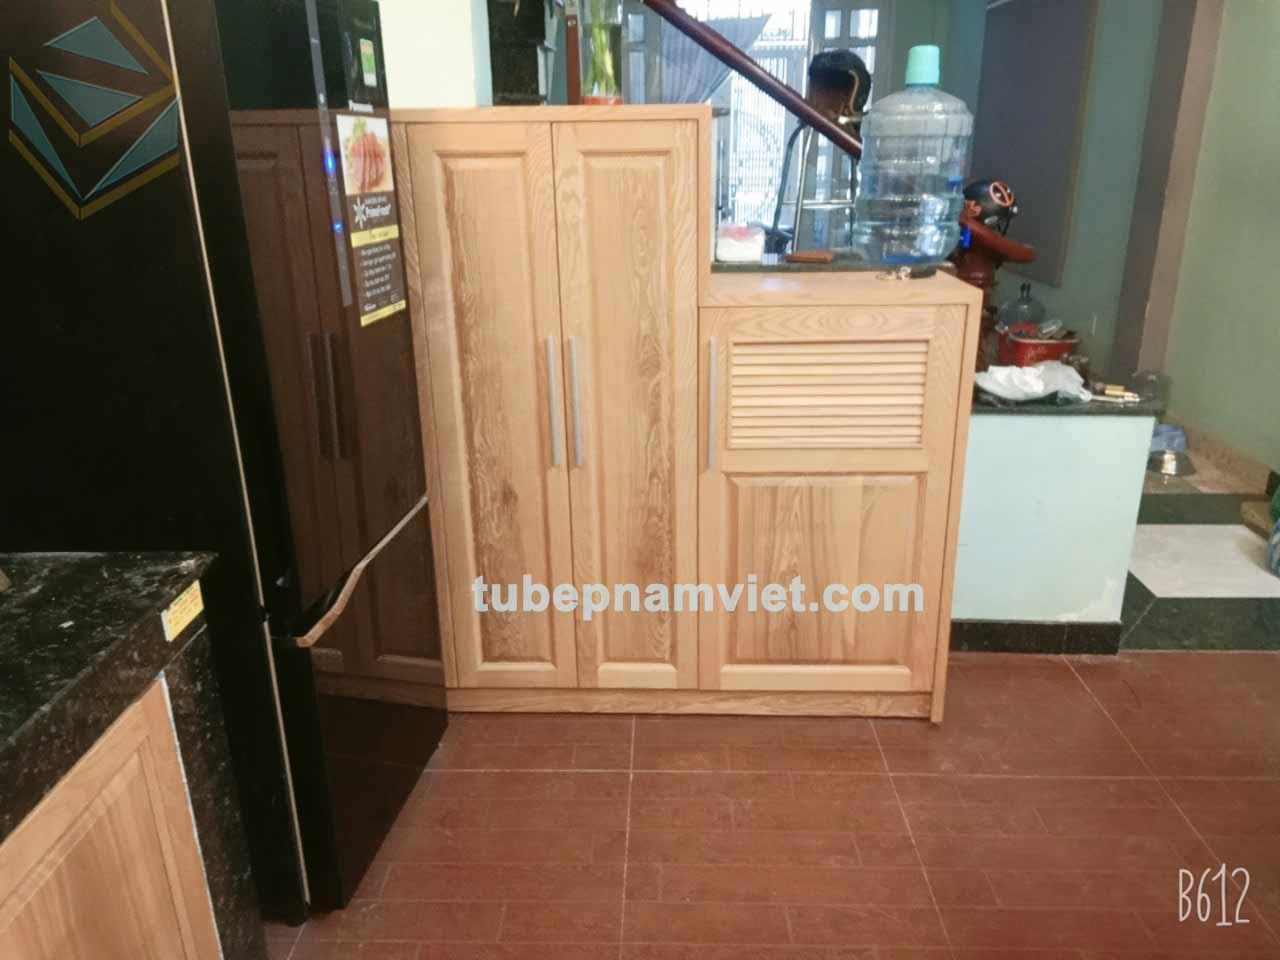 tủ đồ khô thuộc công trình-thi-công tủ bếp gỗ tần bì quận Tân Phú